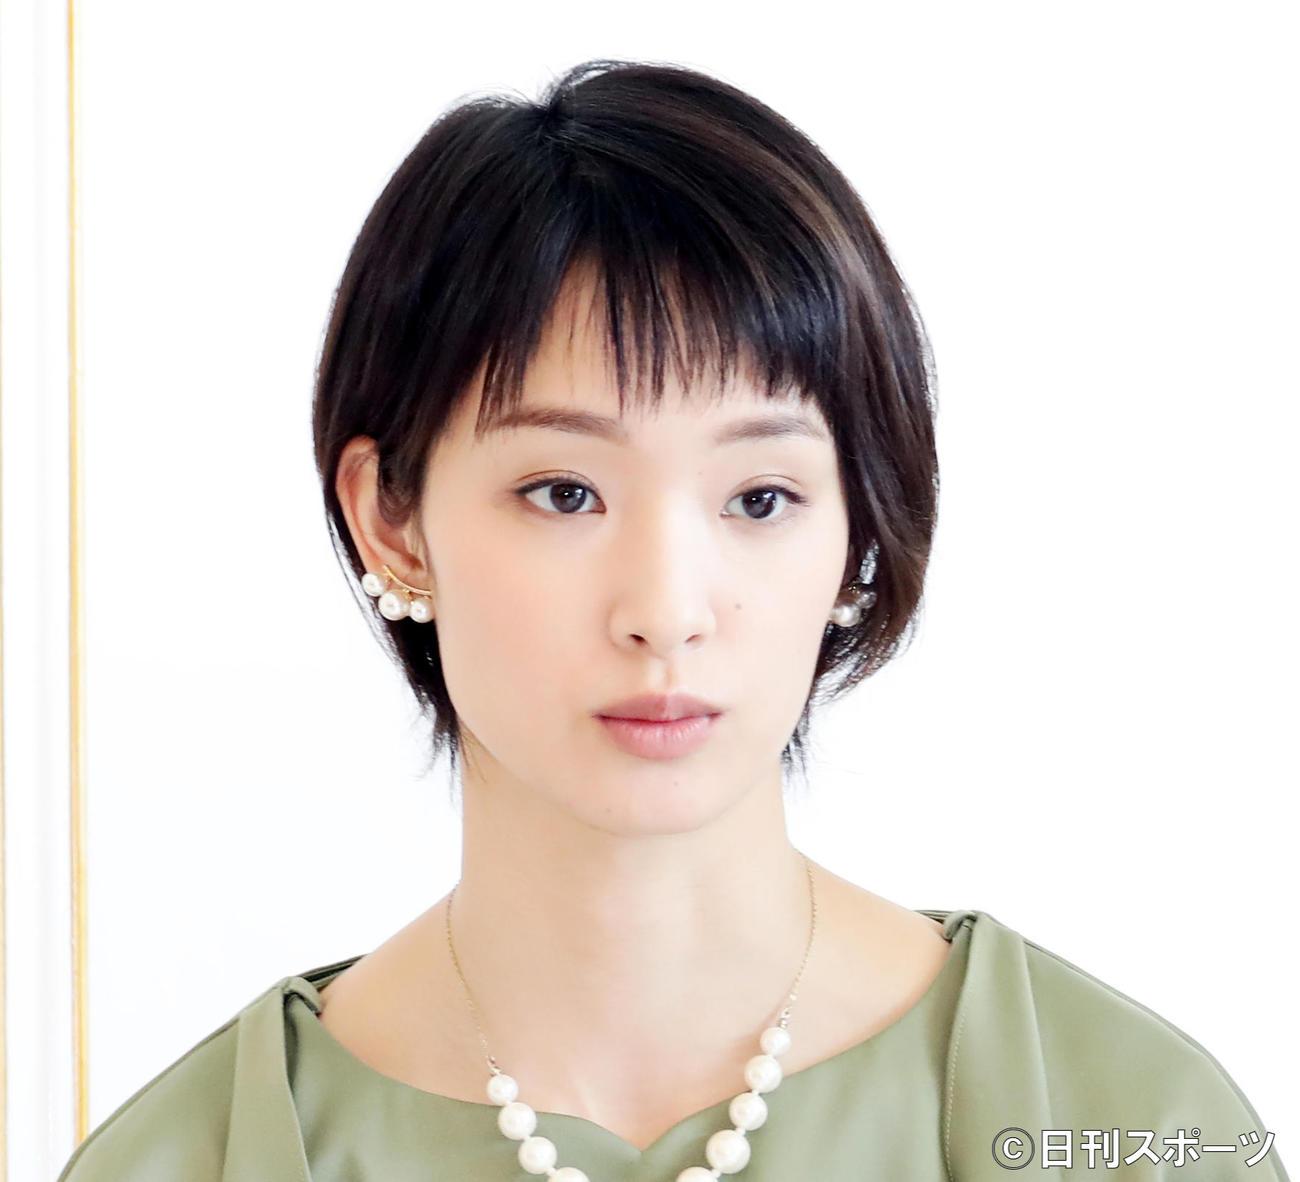 剛力彩芽(20年3月16日)